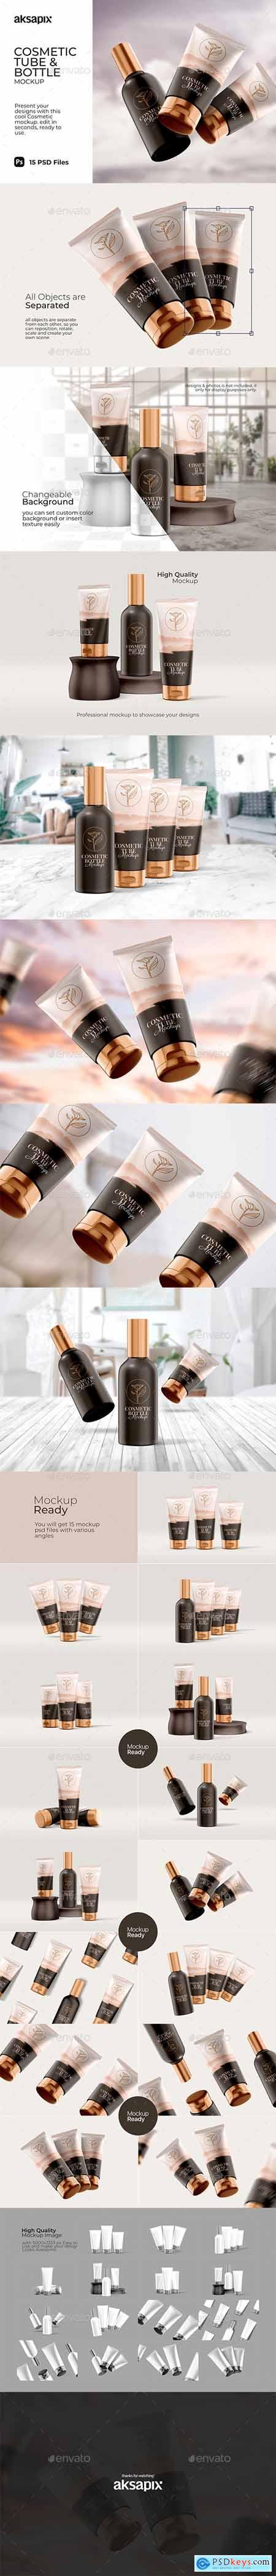 Cosmetic Tube & Bottle - Mockup 29810114